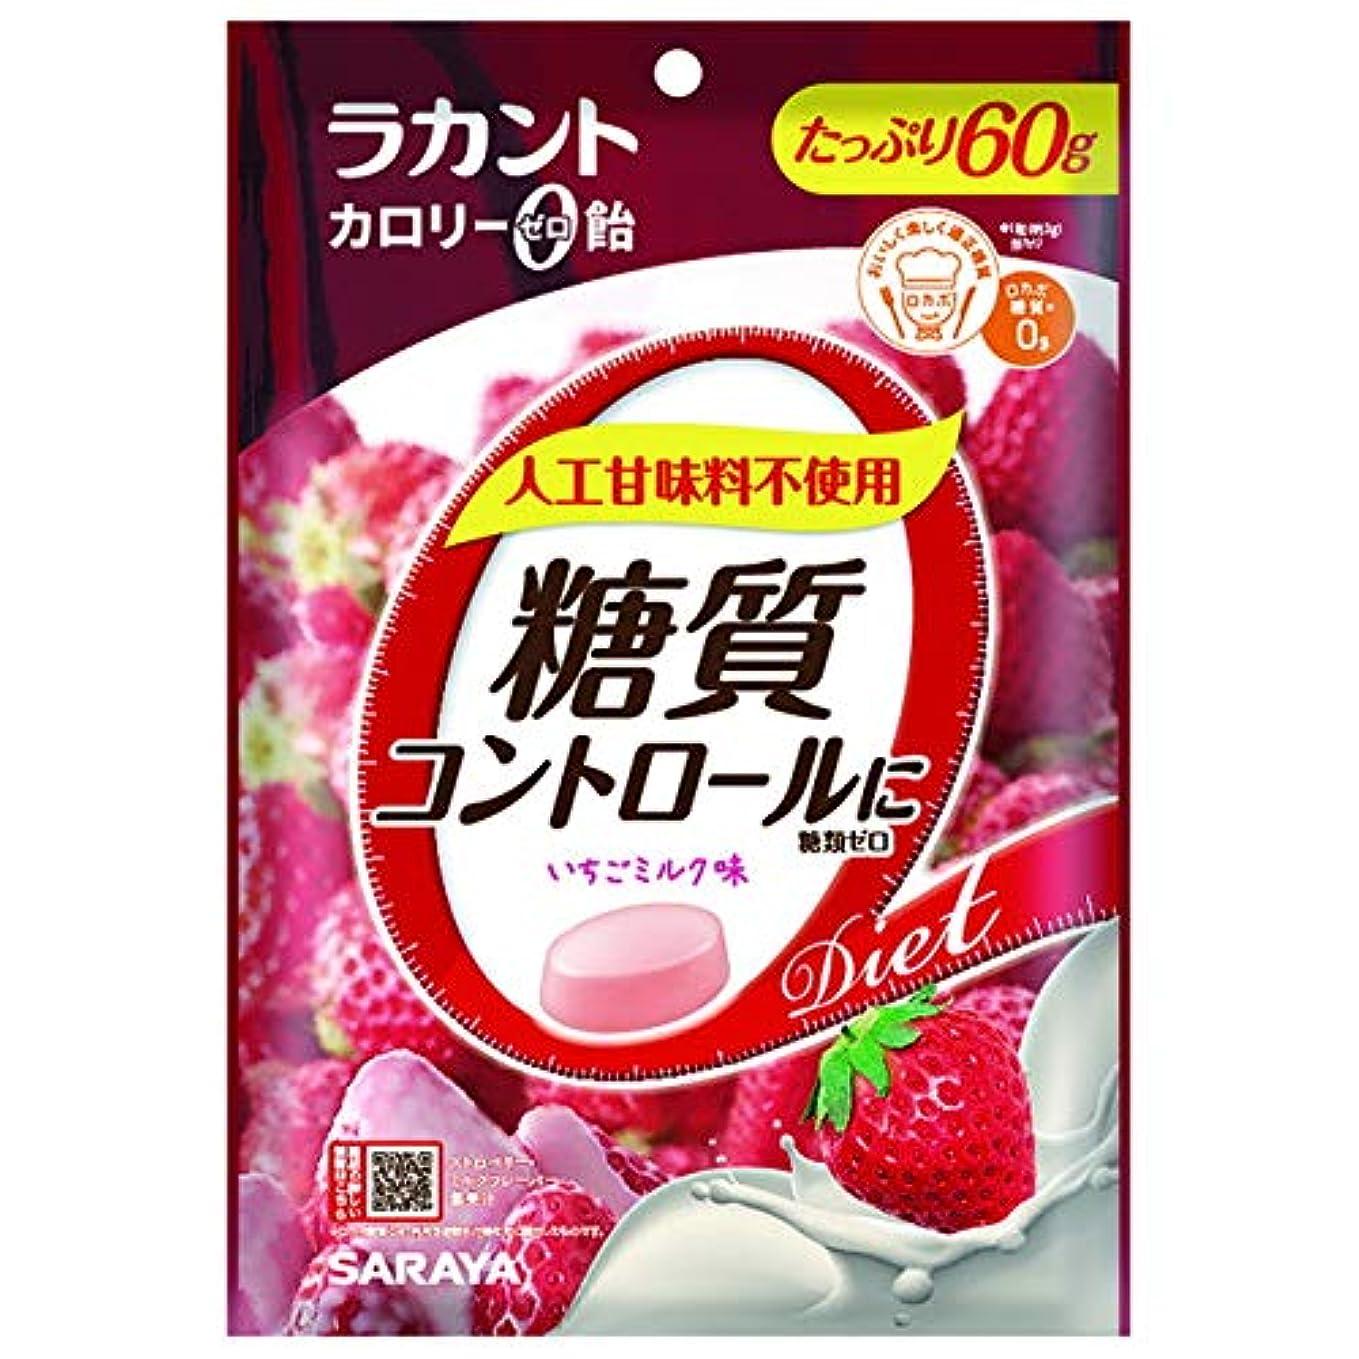 伝染性のアトラス機関車ラカント カロリーゼロ飴 いちごミルク 60g【3個セット】